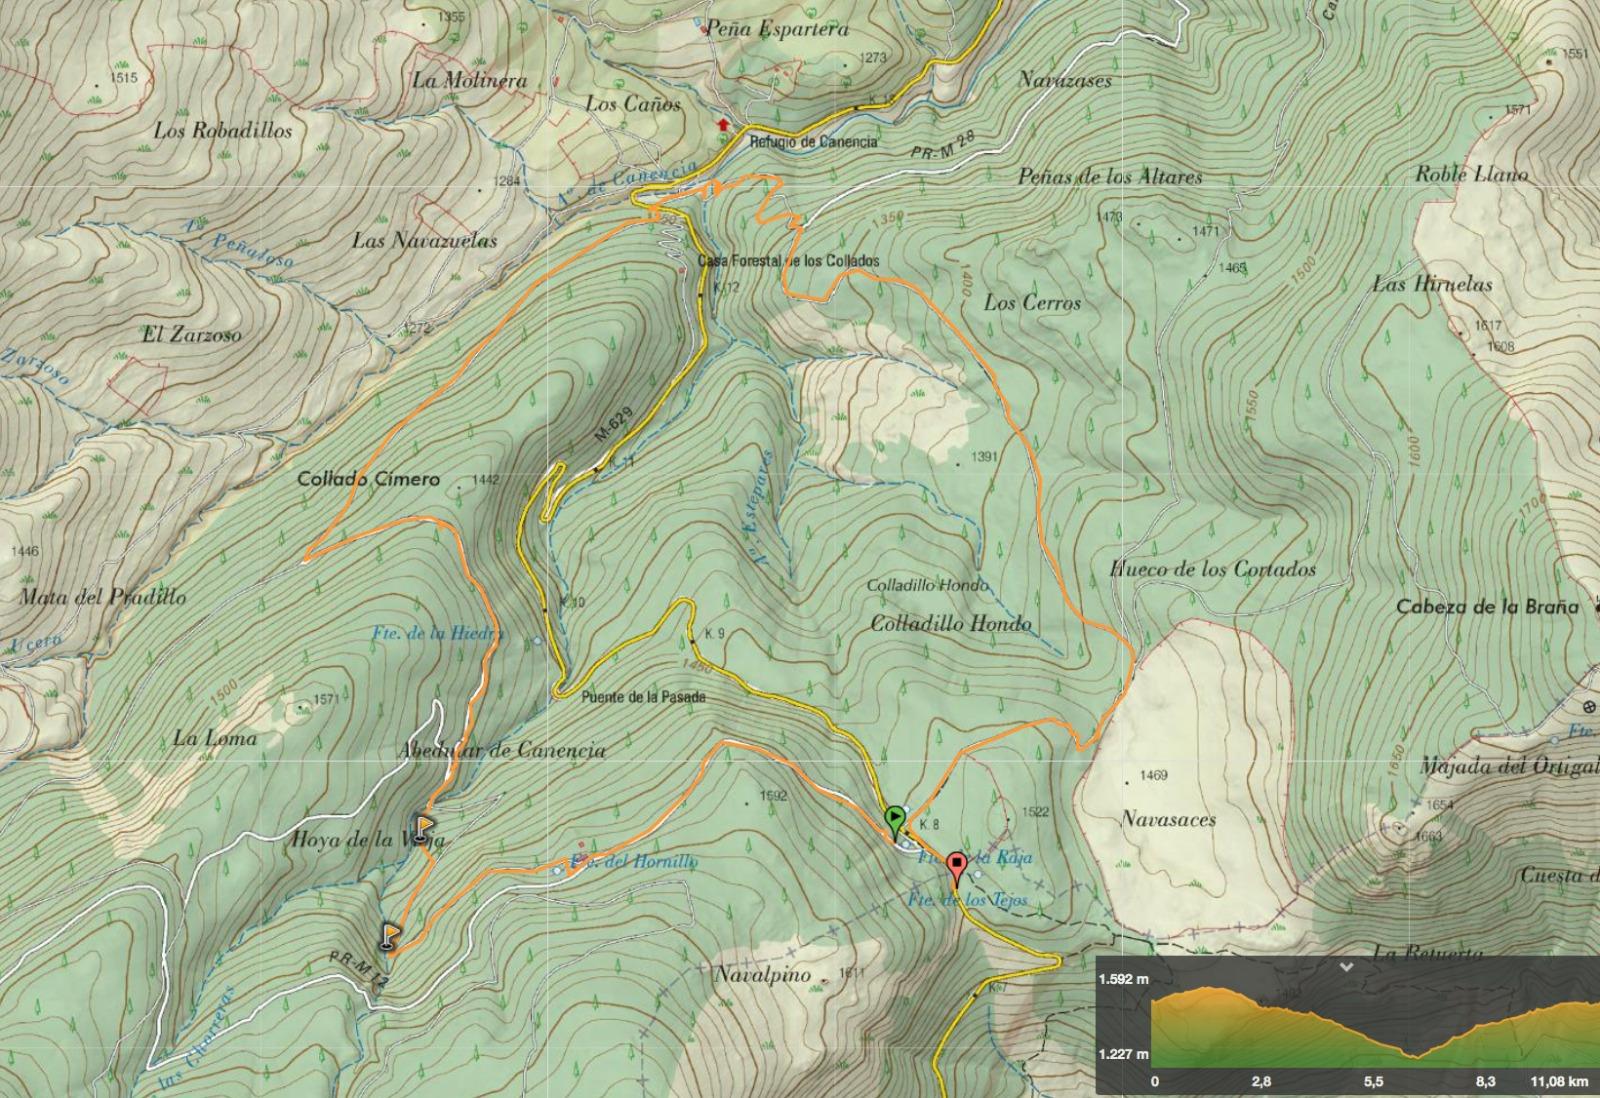 Mapa ruta LA Chorrera de Mojonavalle y abedular de Canencia © J. R. Aguirre